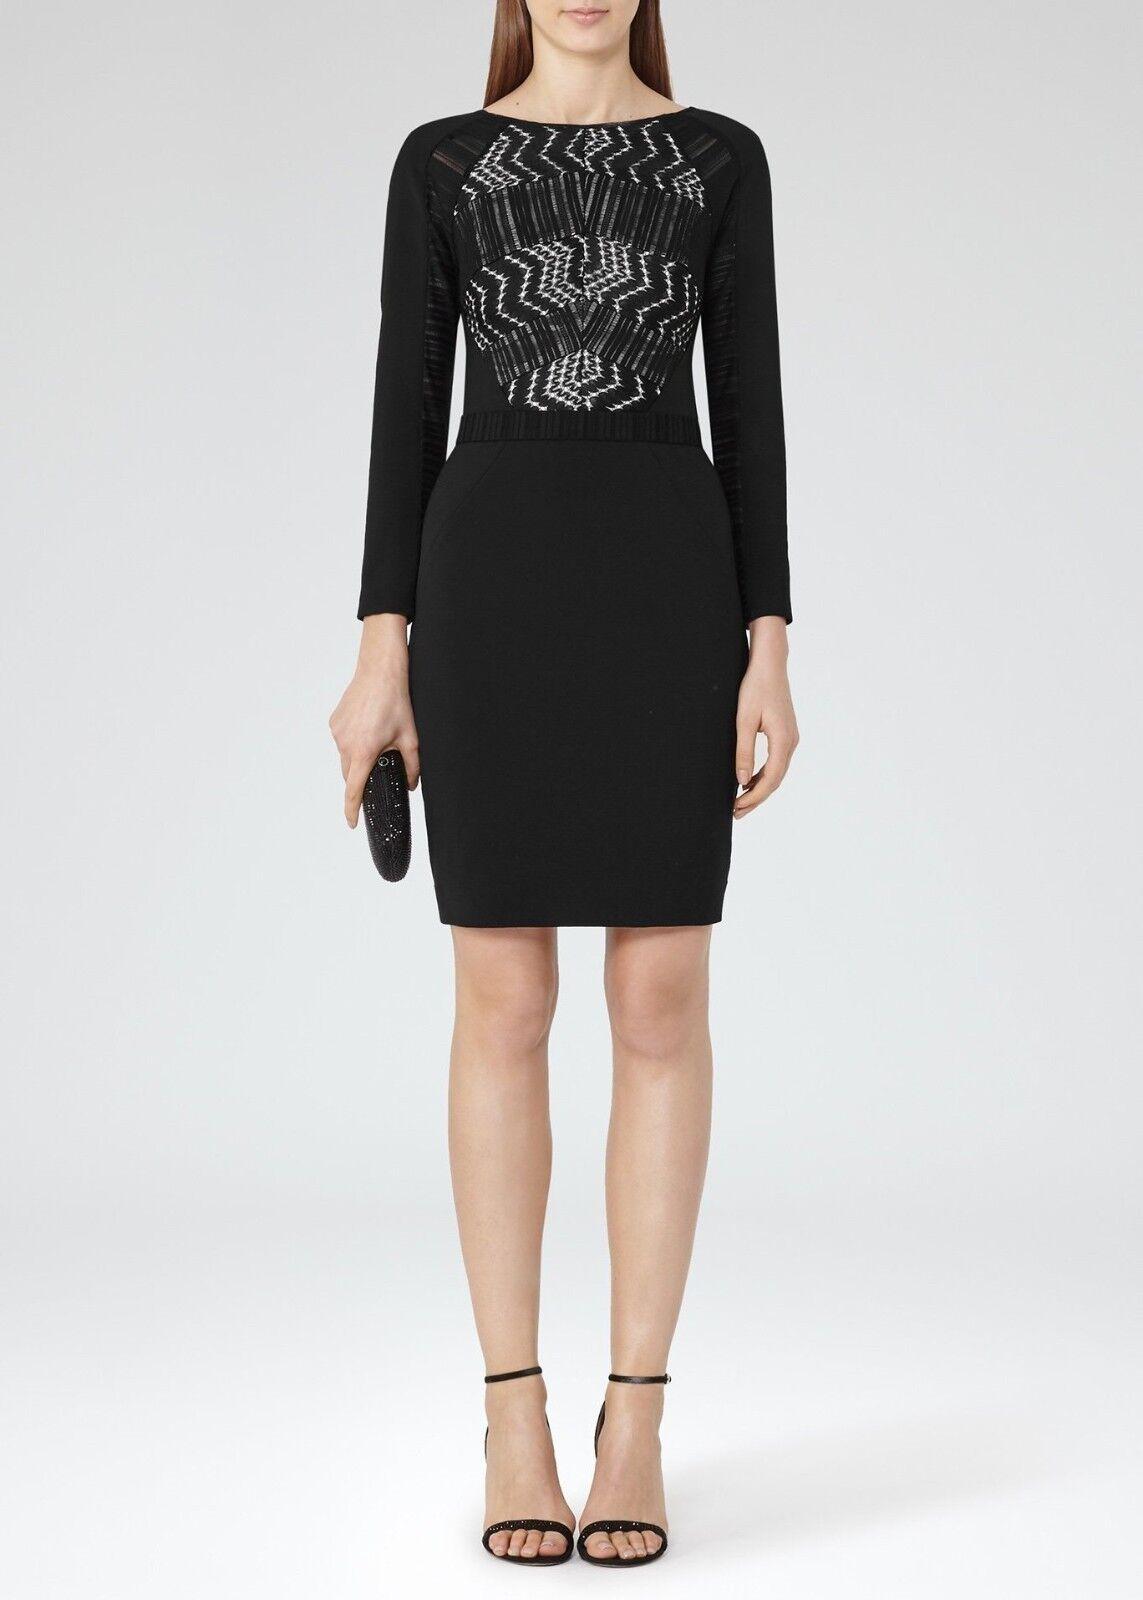 REISS Da Donna 'Libby' nero Lace Vestito aderente con inserti-Bnwt-Rrp  -